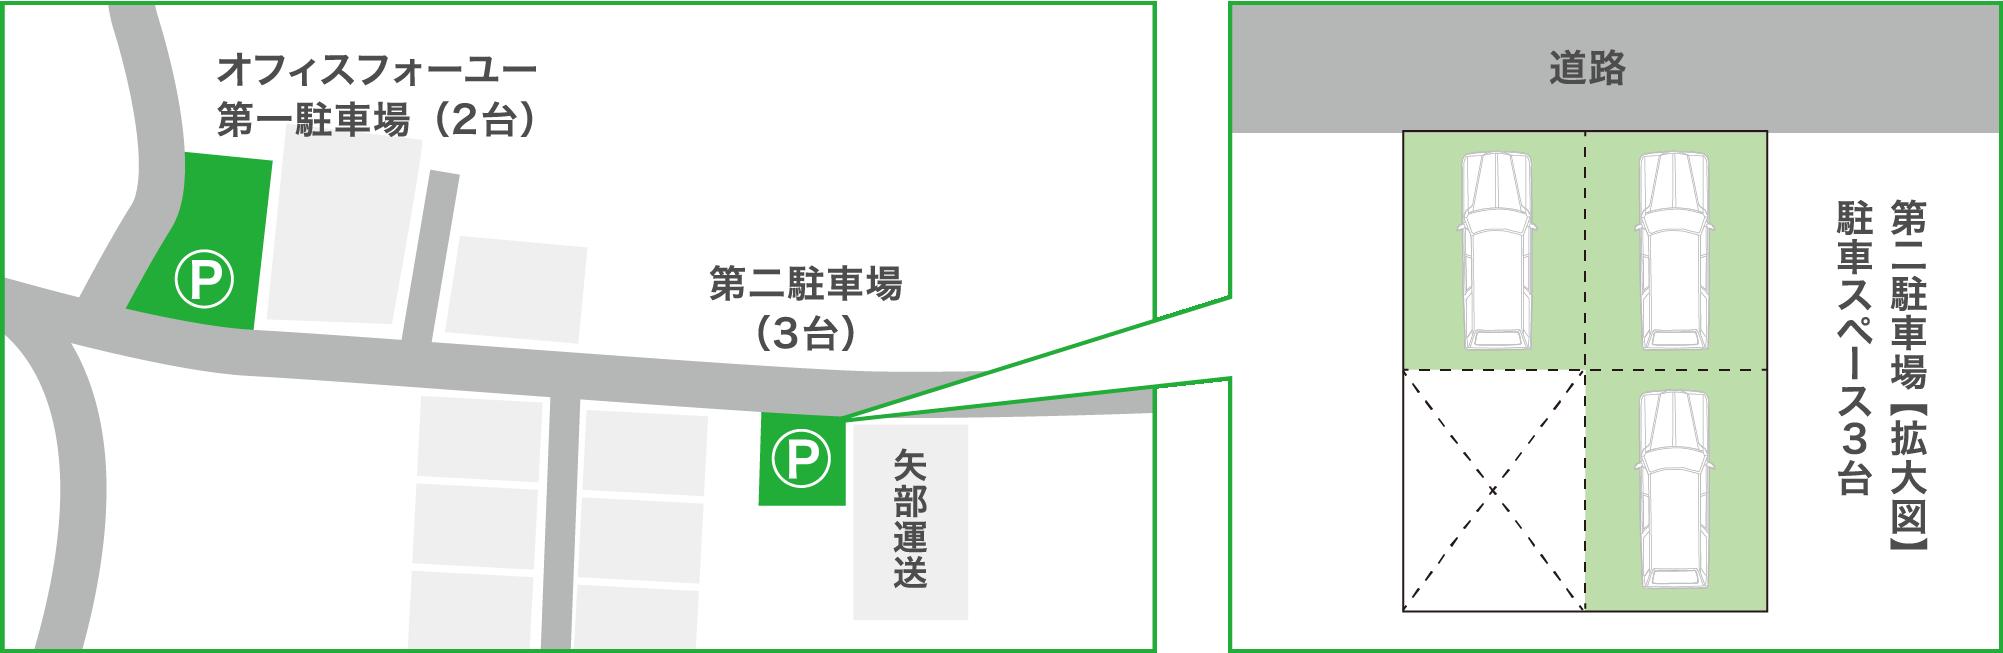 オフィスフォーユー駐車場